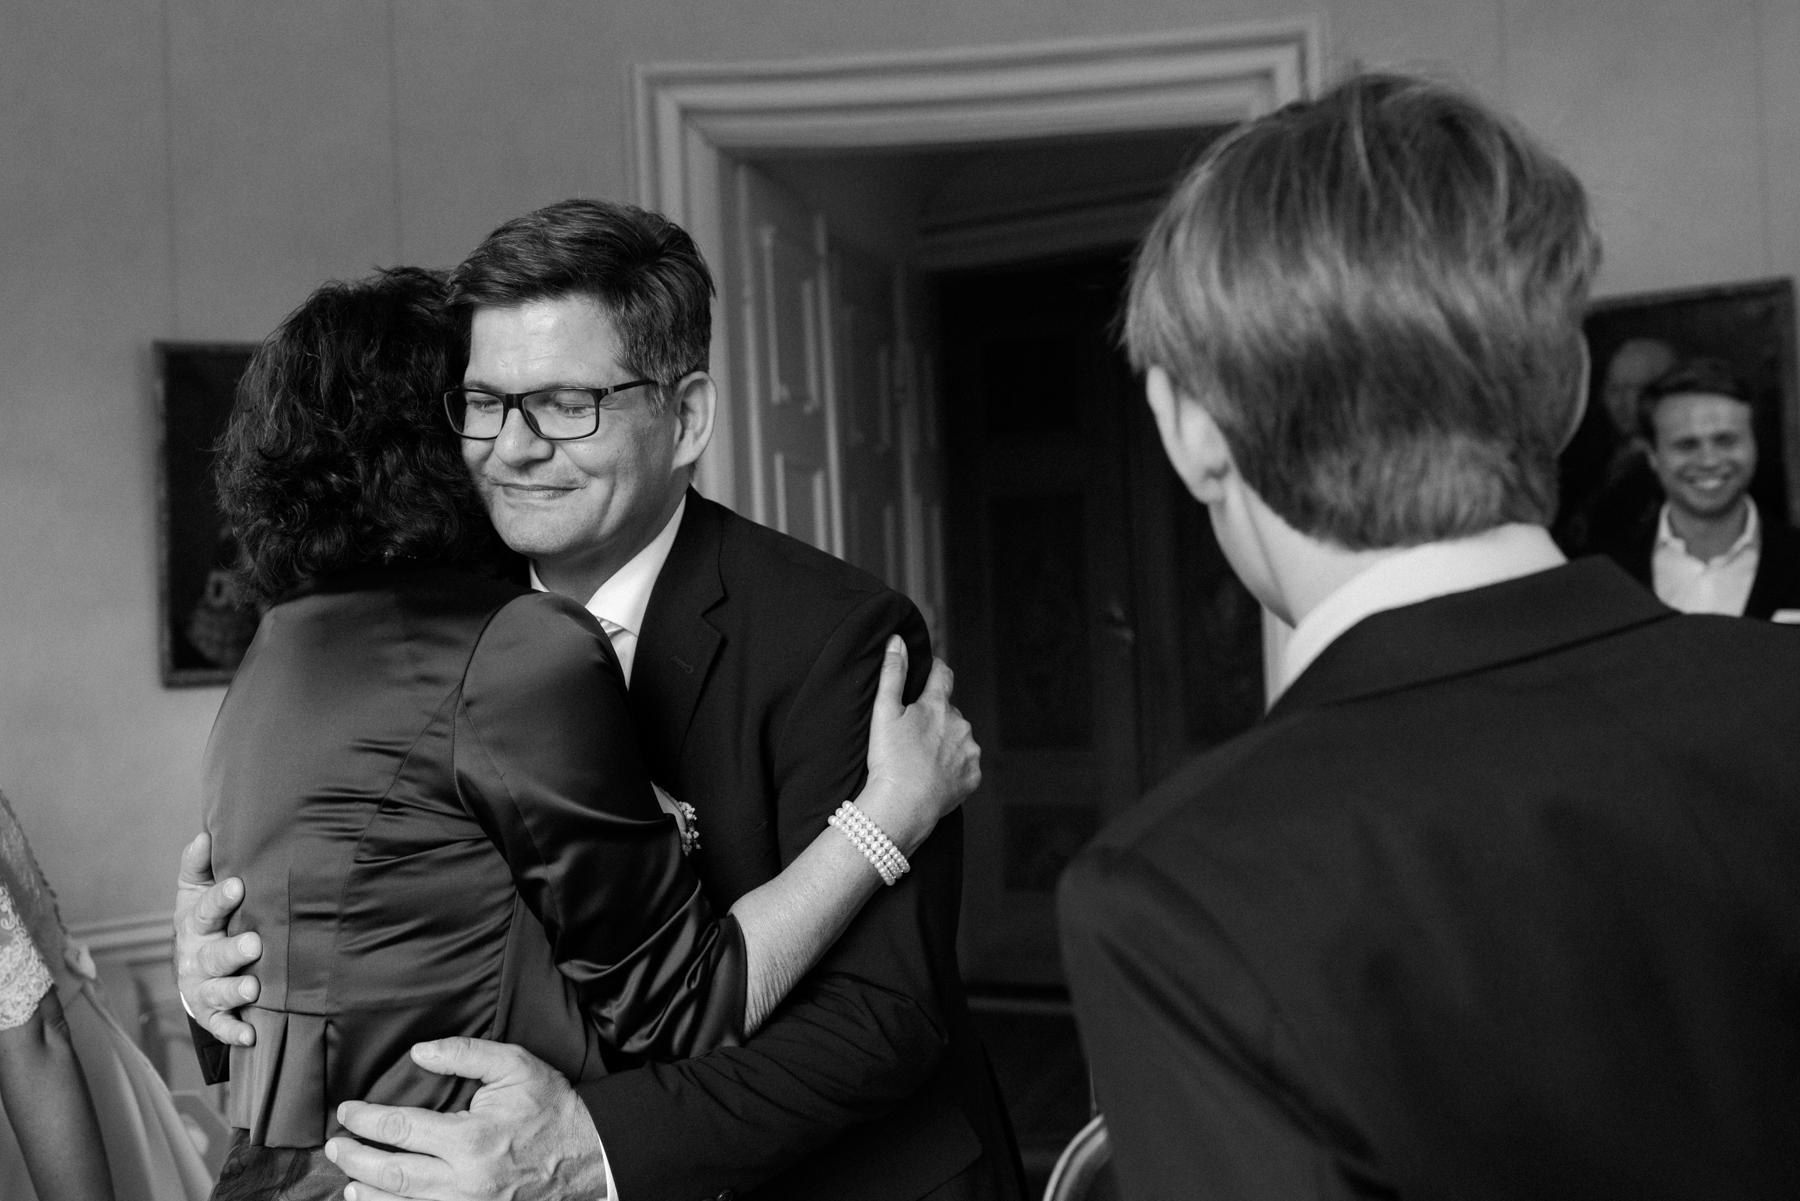 Bluhm-Hochzeitsfotograf-HochzeitamMeer-24.jpg